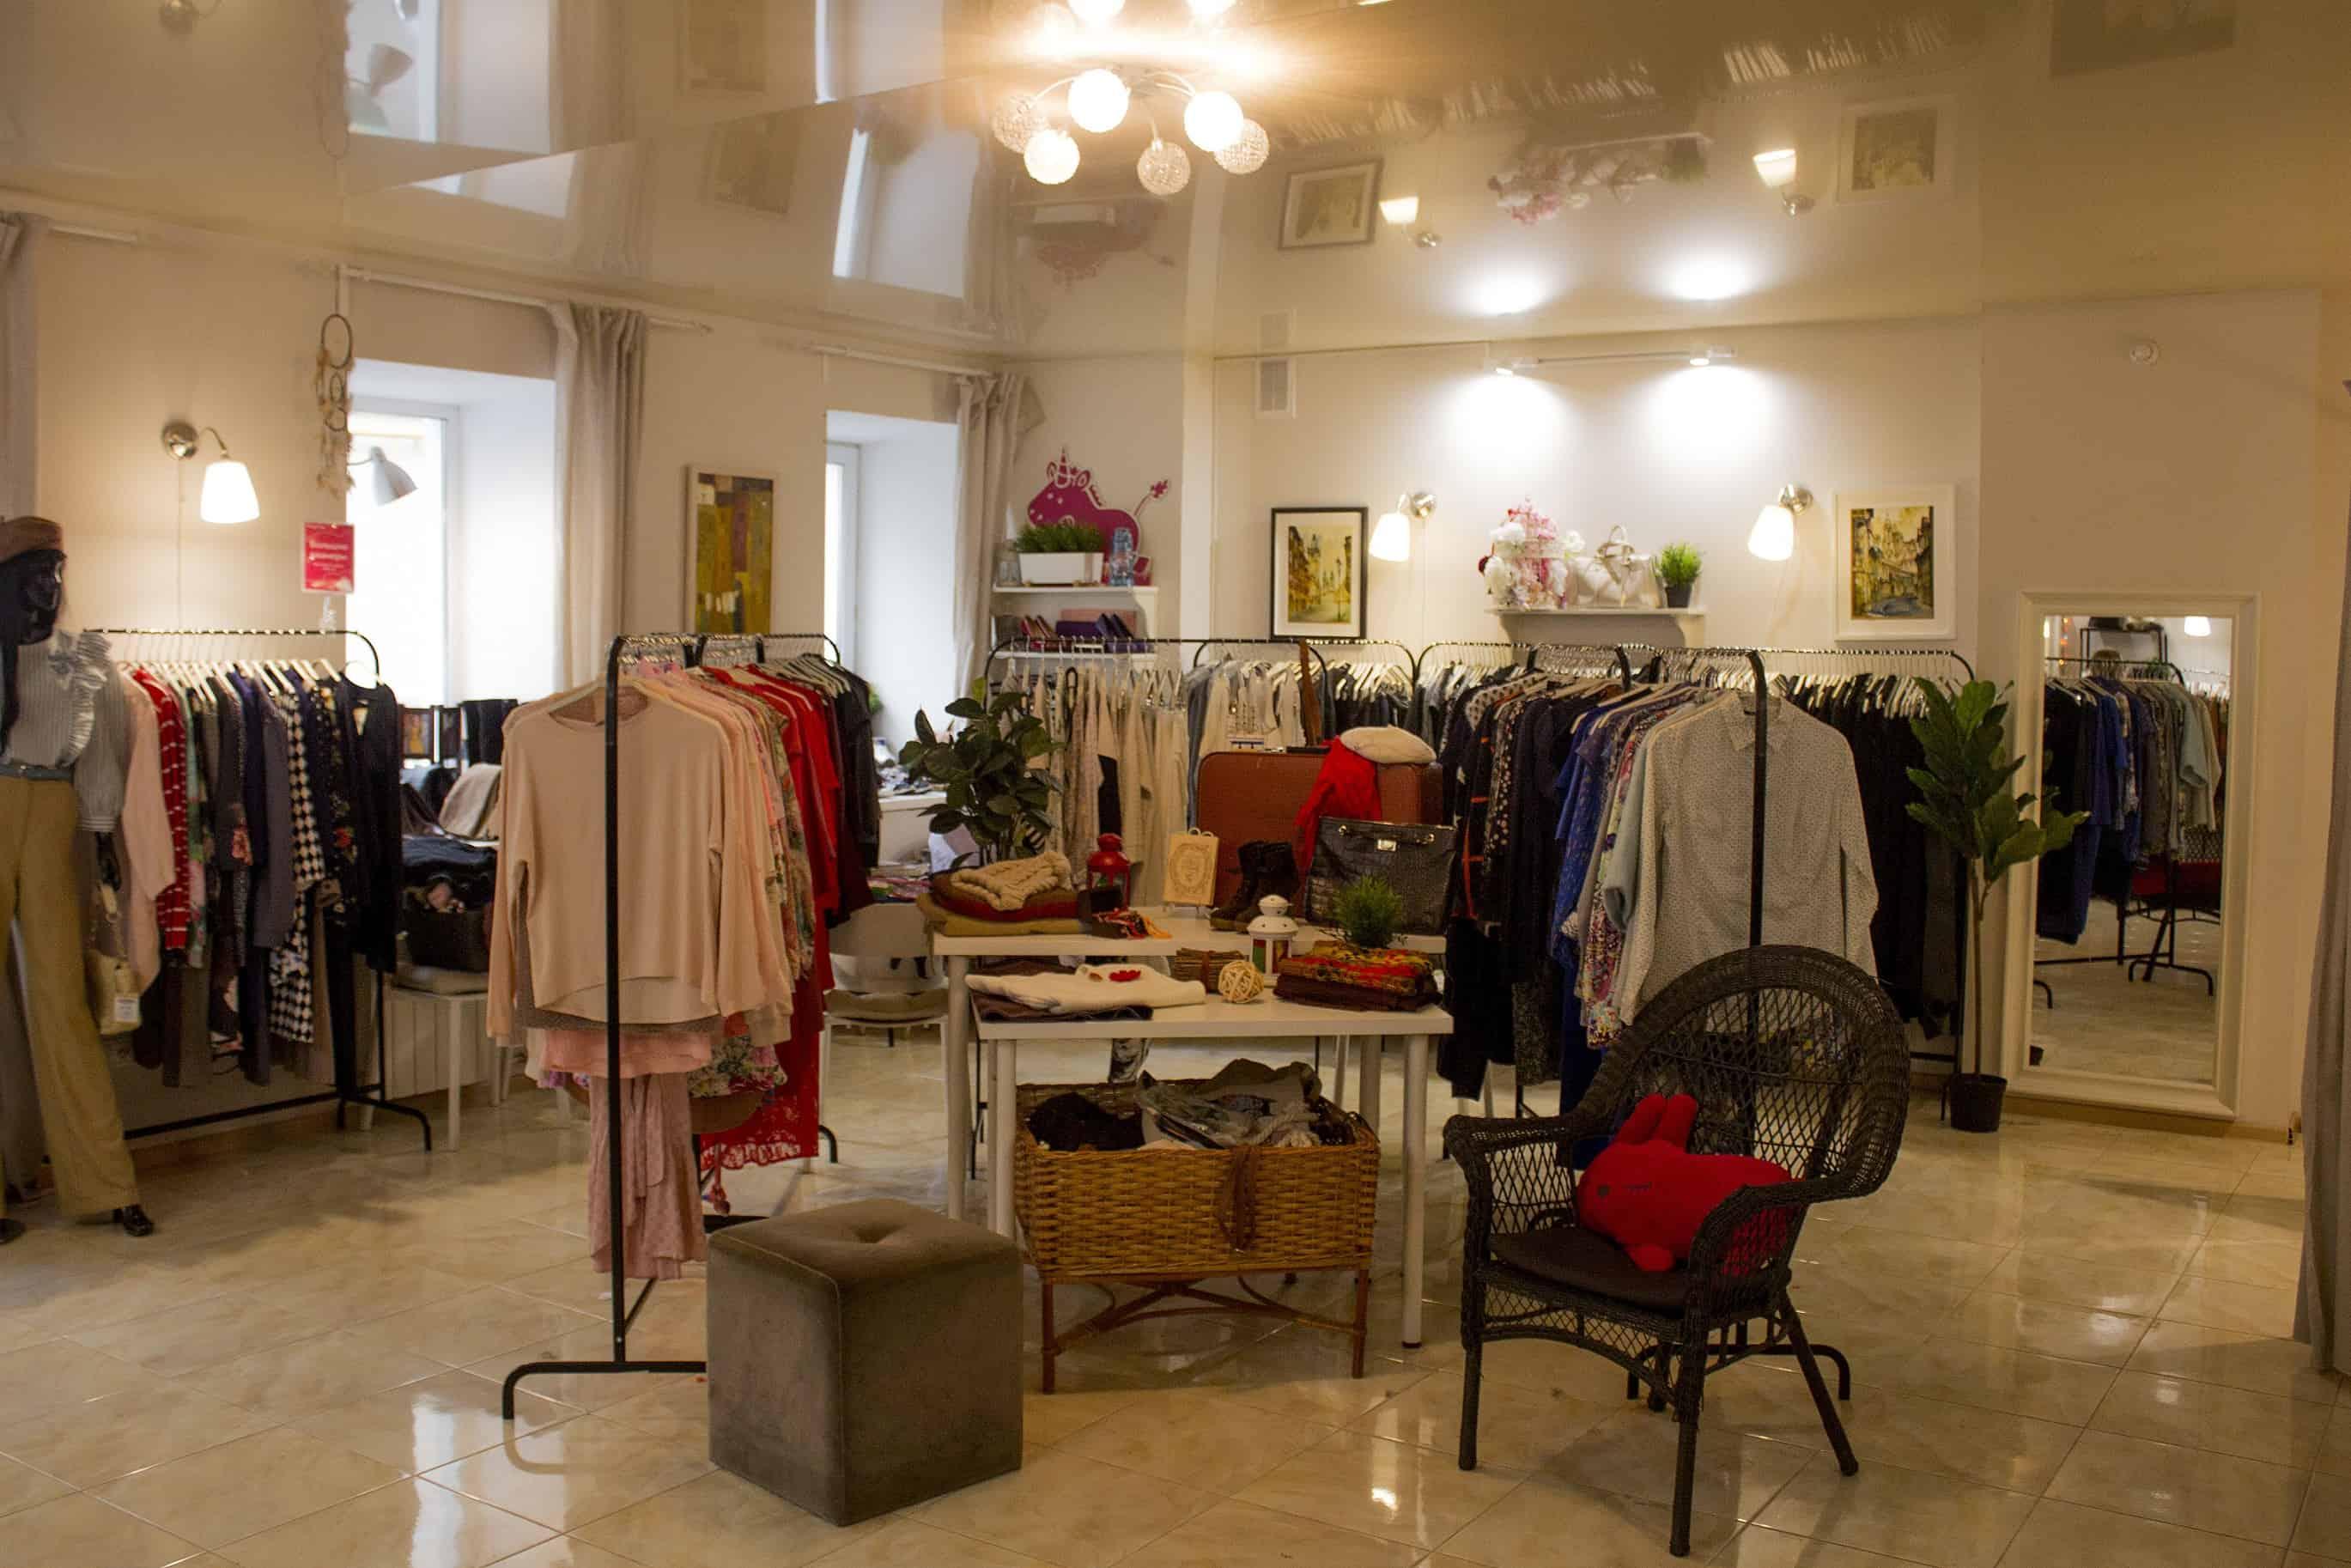 Charity Shop/Фото: Наталья Силакова charity shop Интервью с основательницей проекта «Charity shop» Дарьей Алексеевой IMG 6376 1